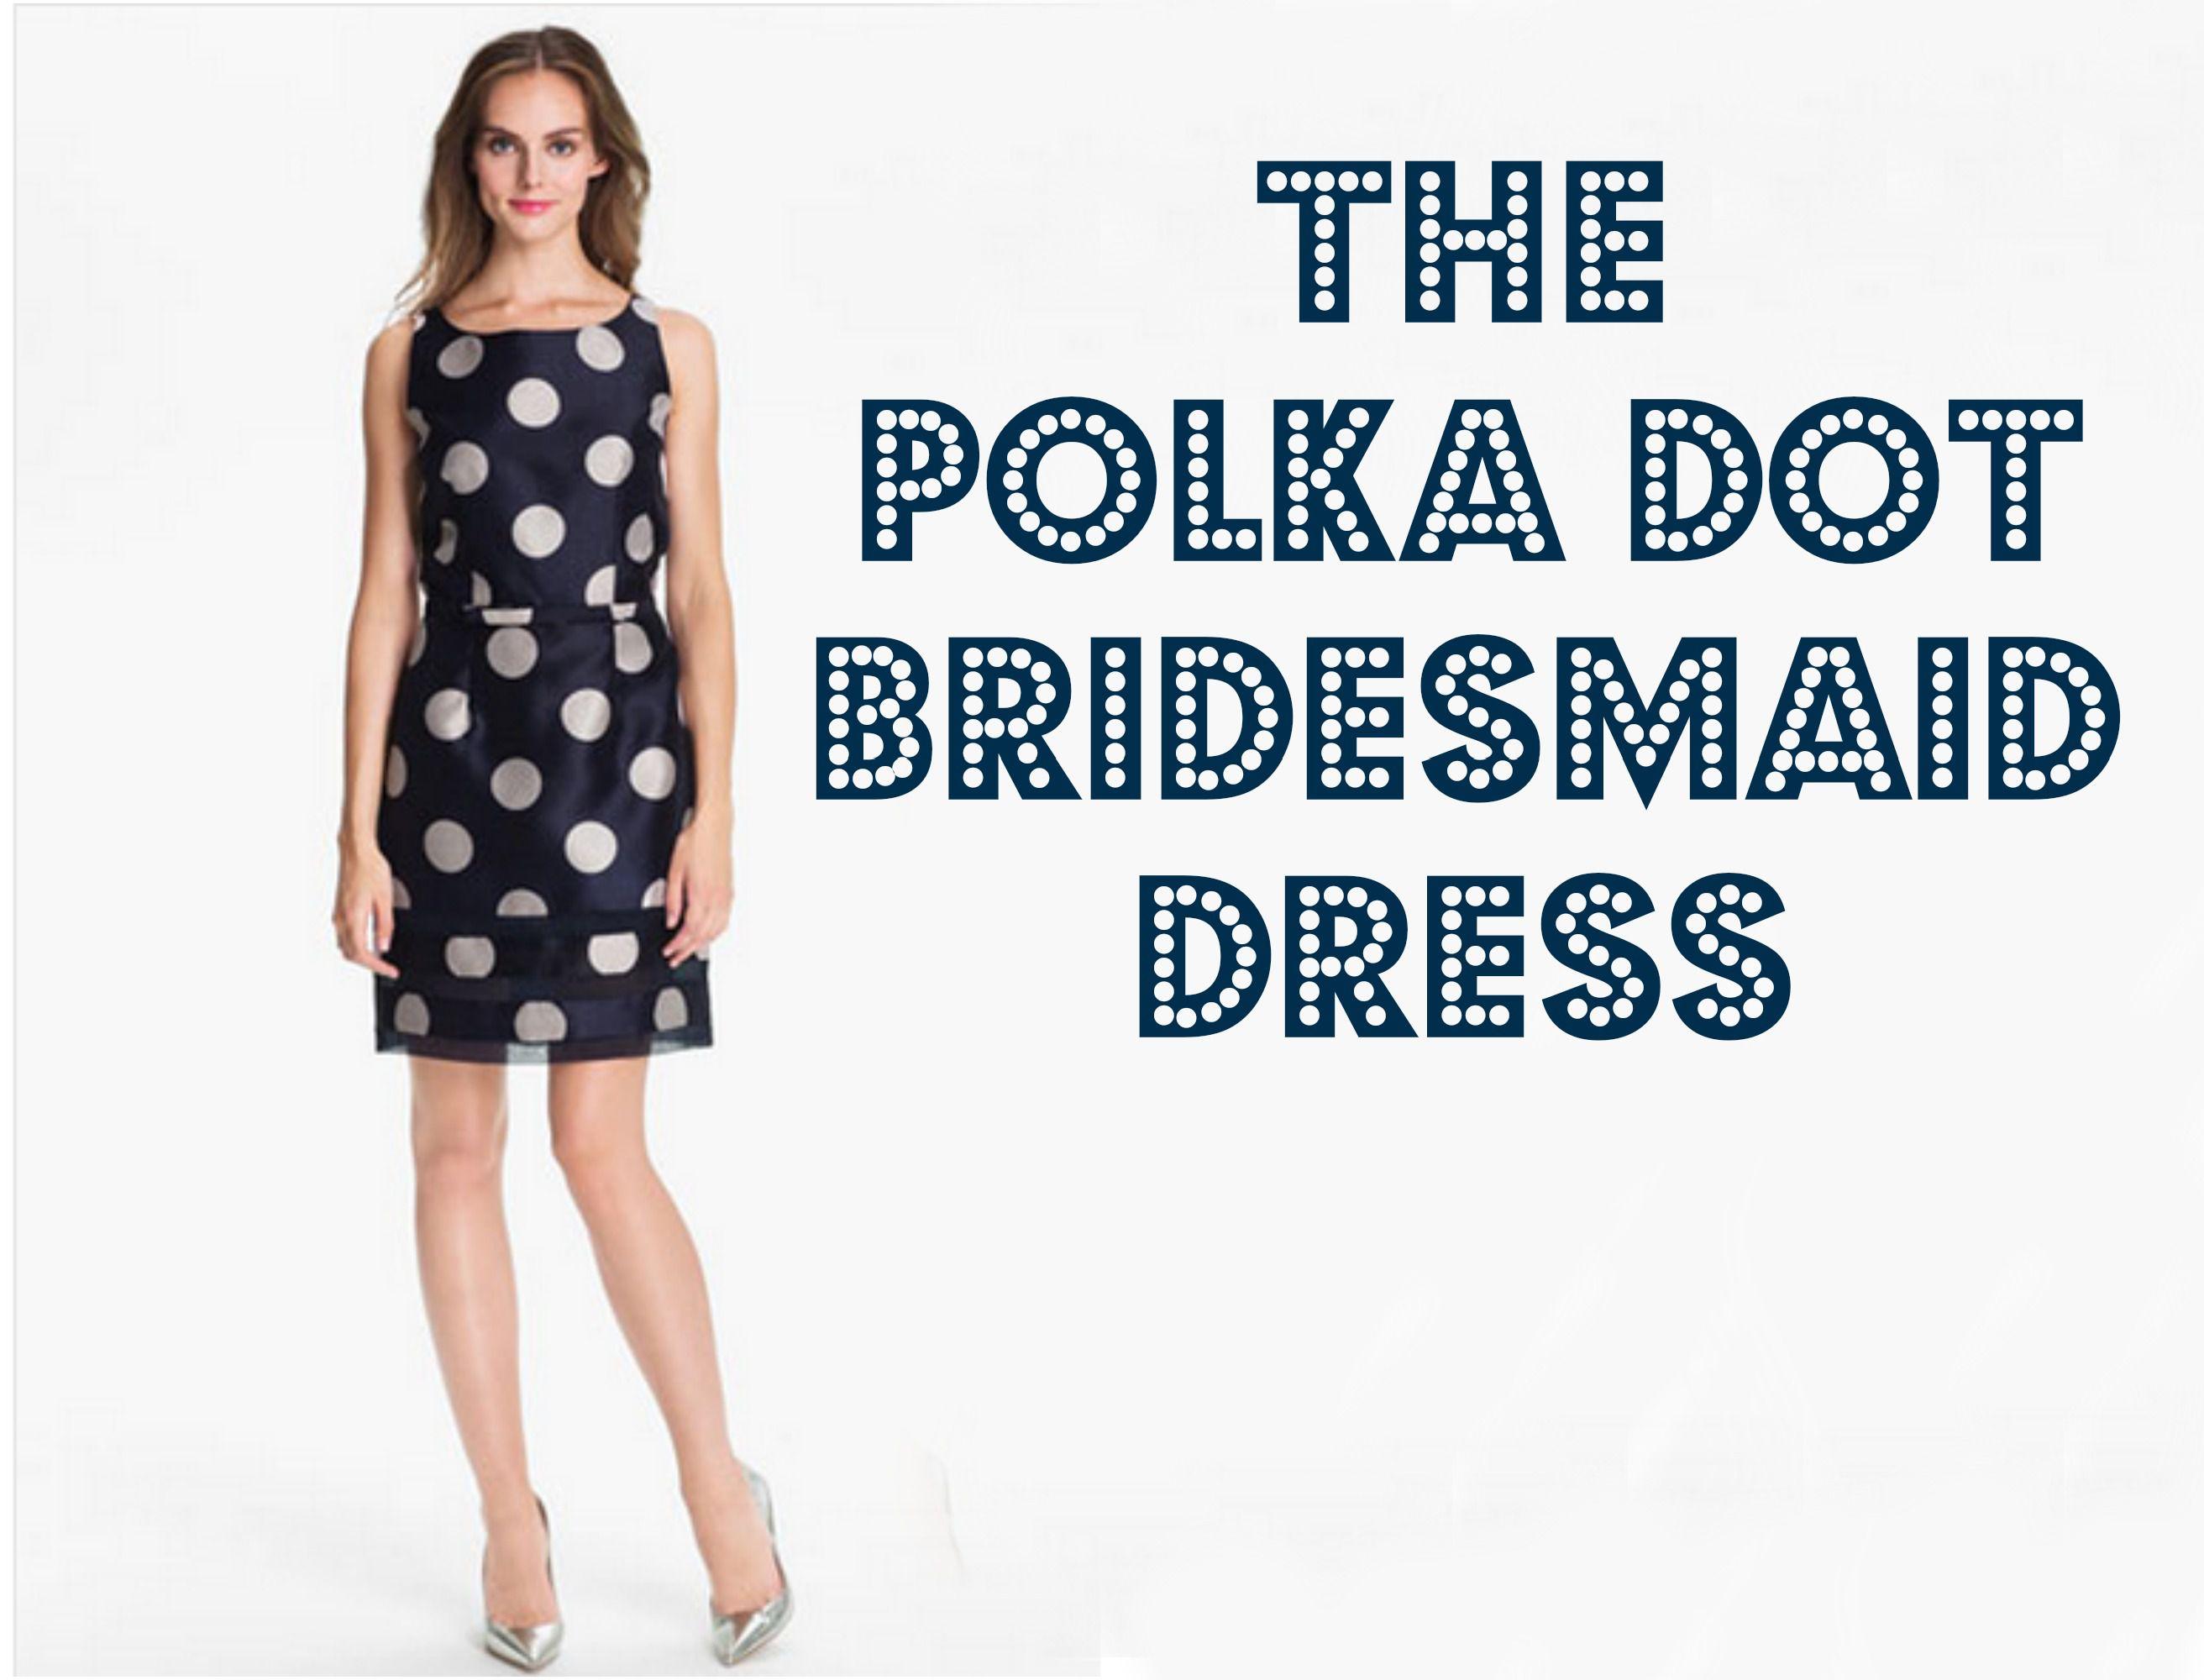 The Polka Dot Bridesmaid Dress